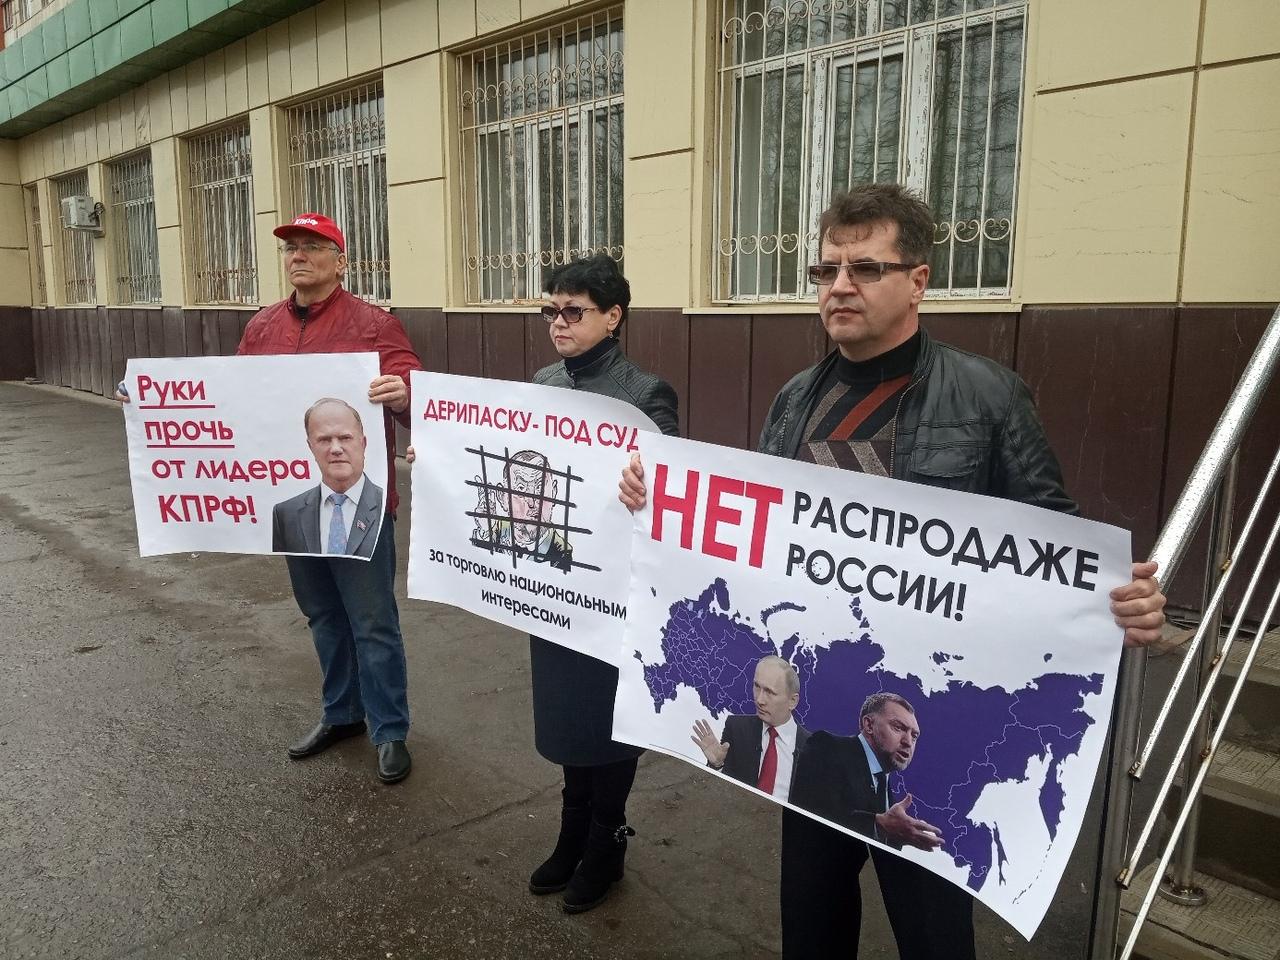 Г.А. Зюганов: Со мной судится не Дерипаска, а олигархат и